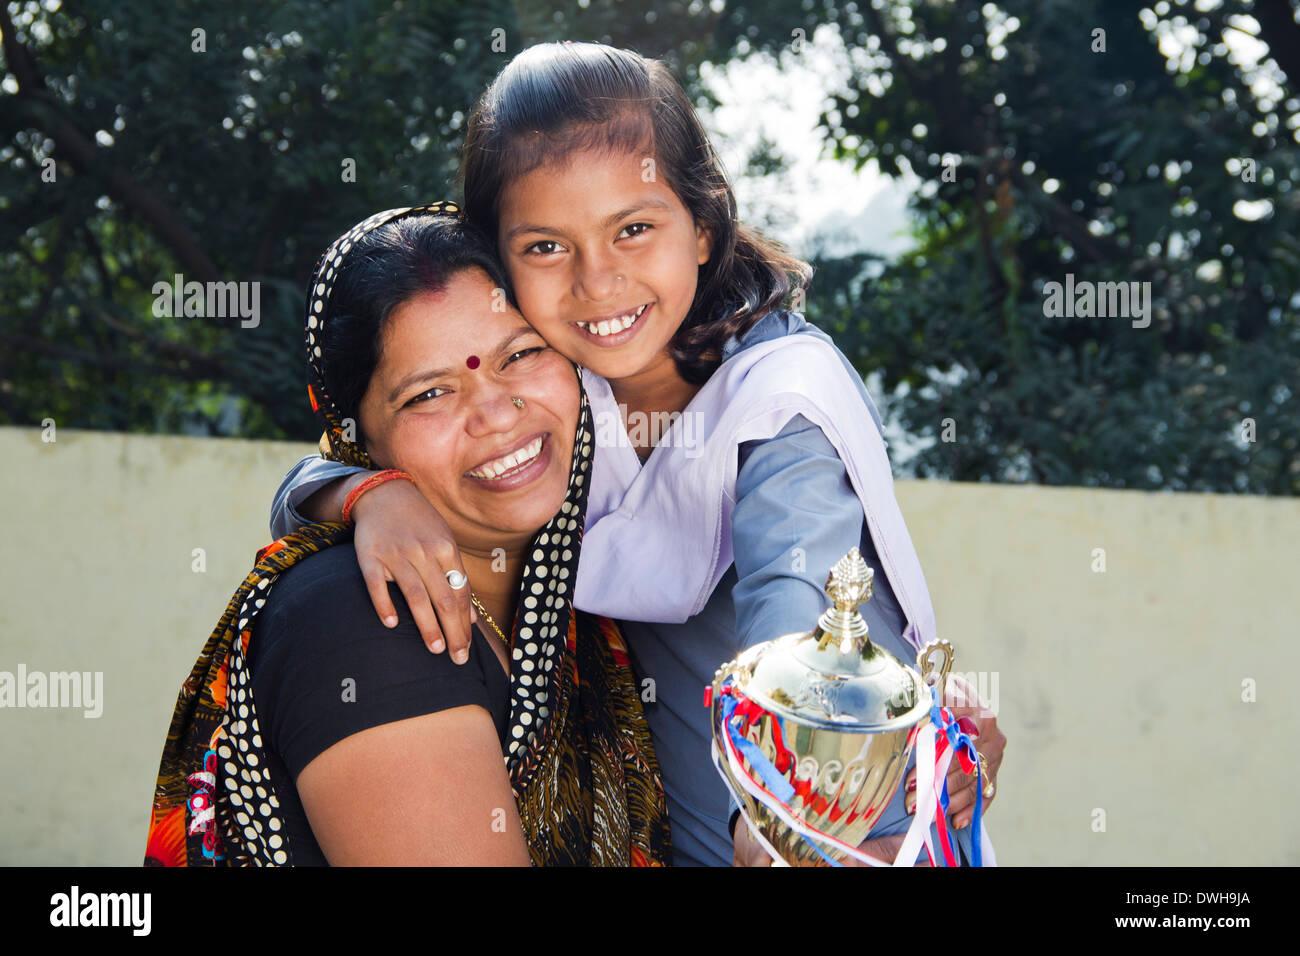 Indische Frau geben Trophäe für Kinder Stockfoto